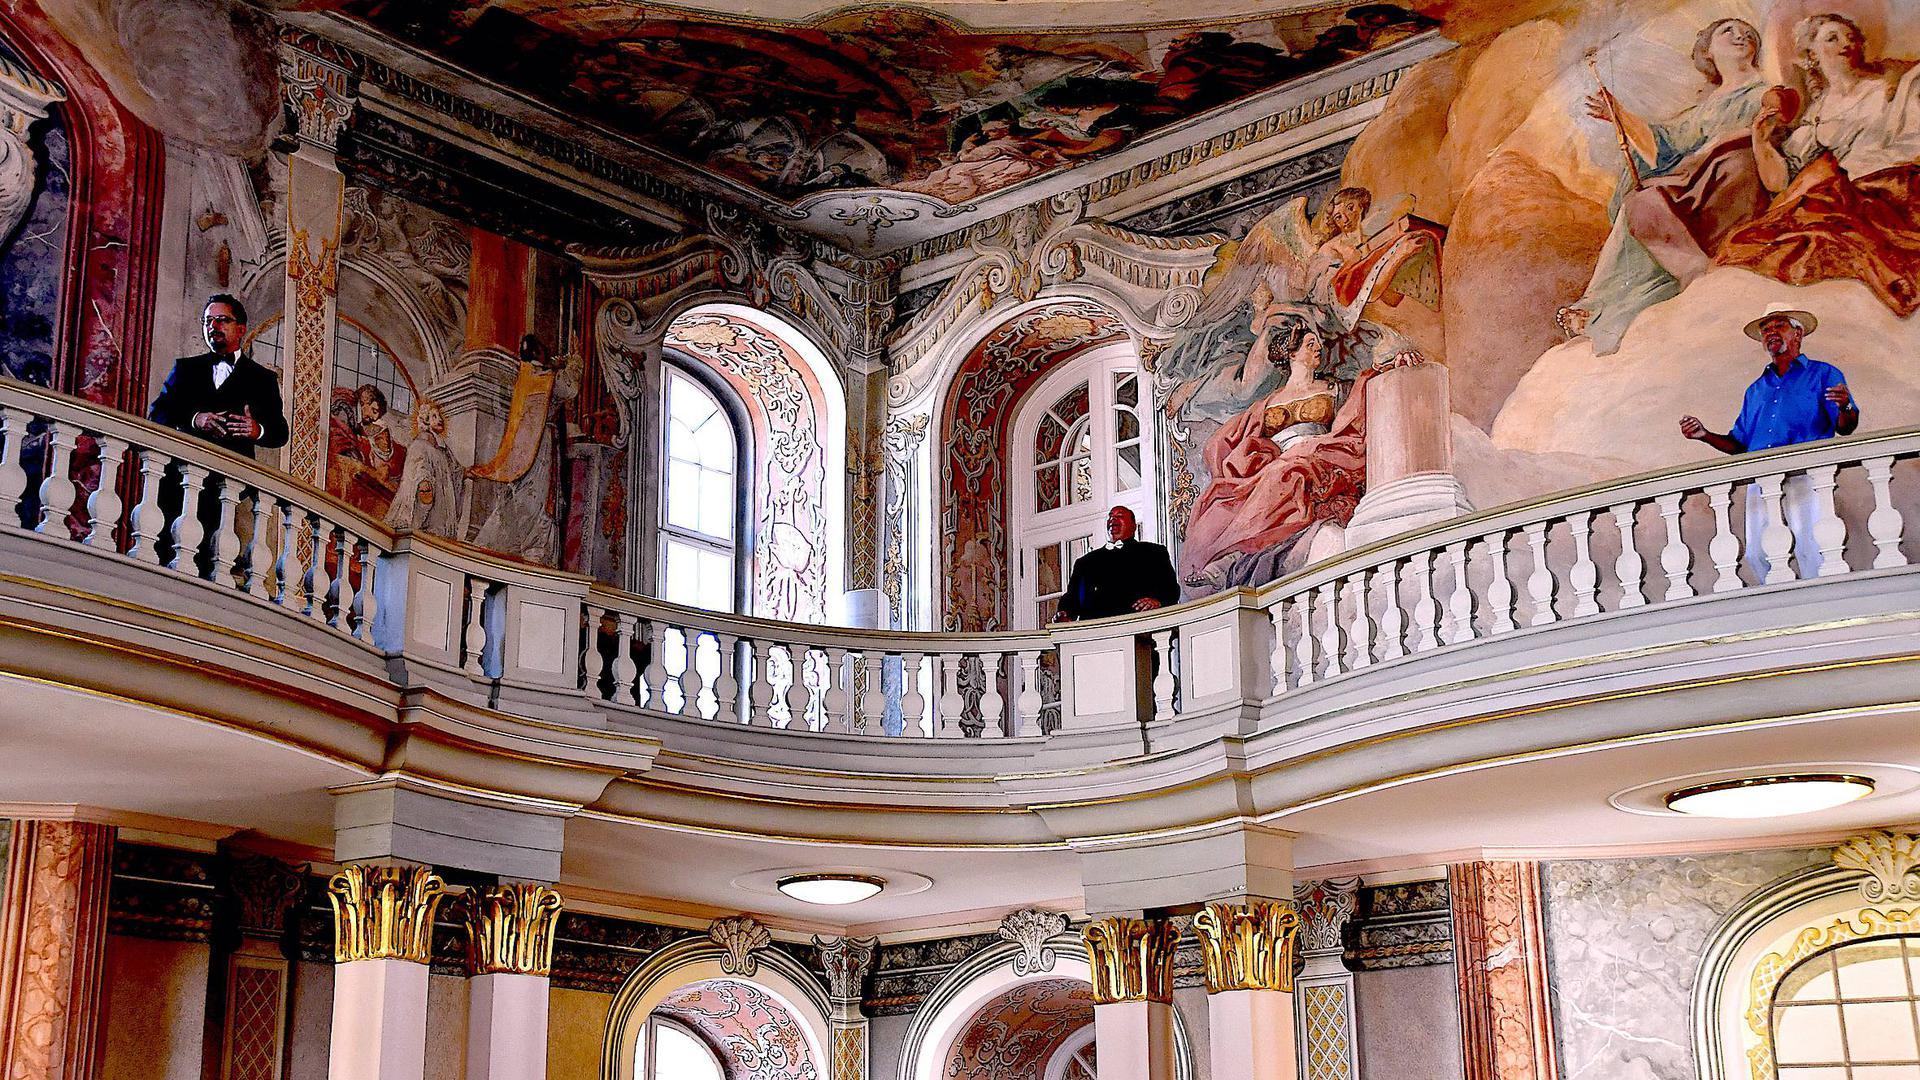 Der Bürgerchor der Schlossfestspiele dreht einen Film Szene Asamsaal Schloss Ettlingen